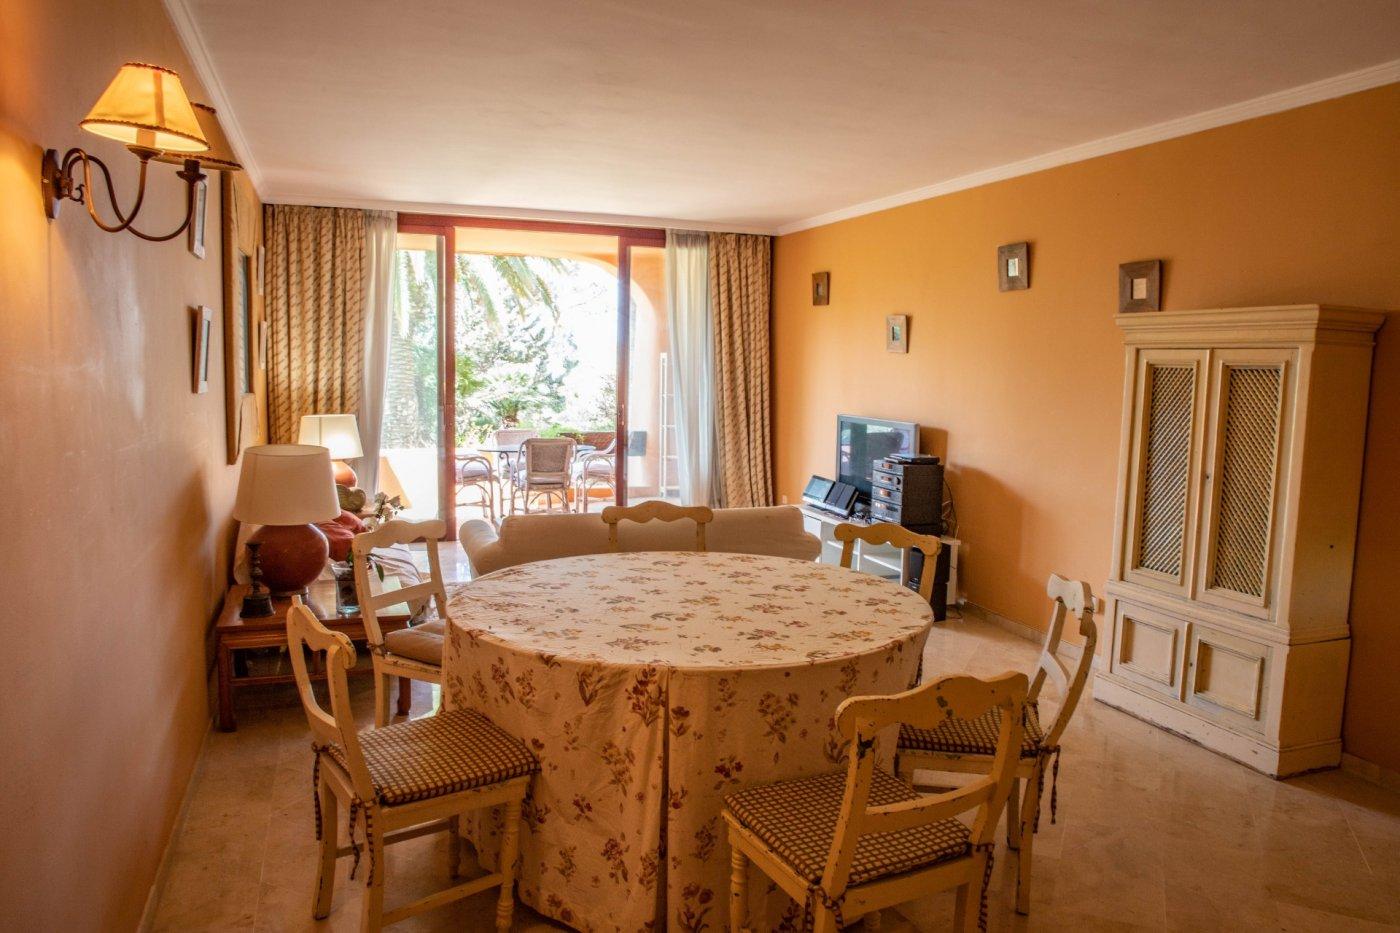 Oportunidad de comprar un precioso apartamento en santa ponsa a muy buen precio!! - imagenInmueble25